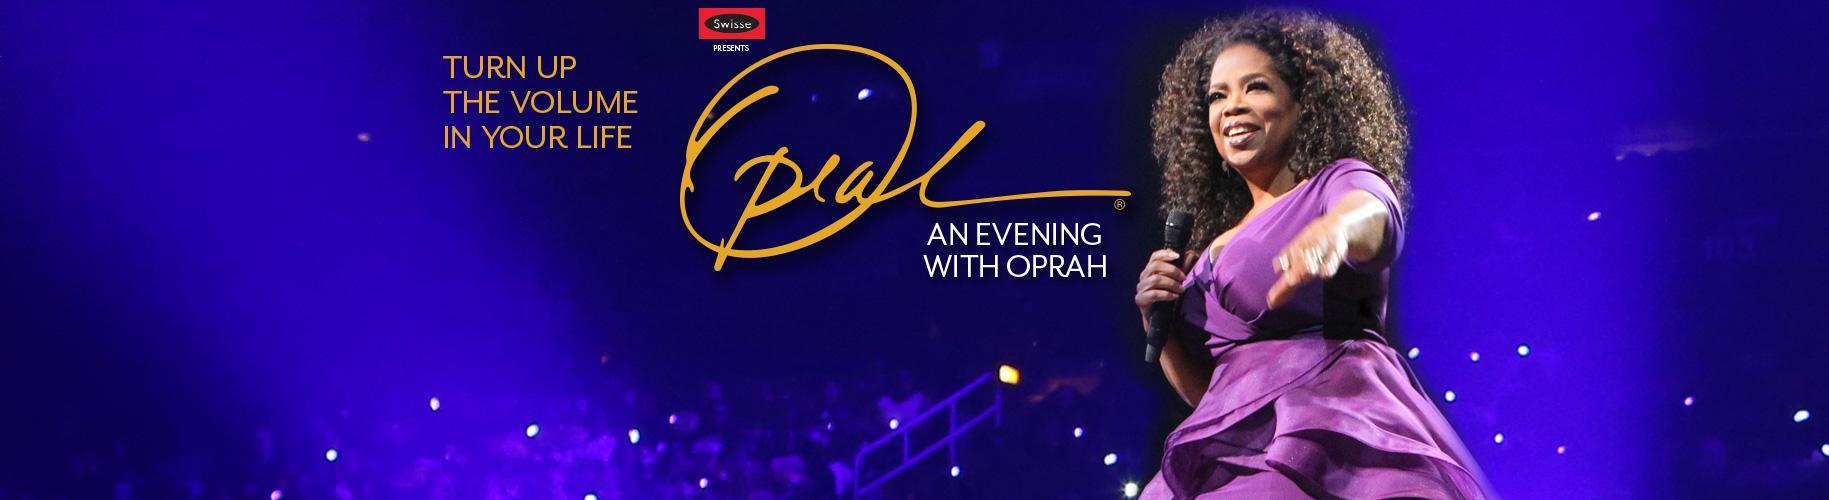 Oprah Winfrey merchandise Australia